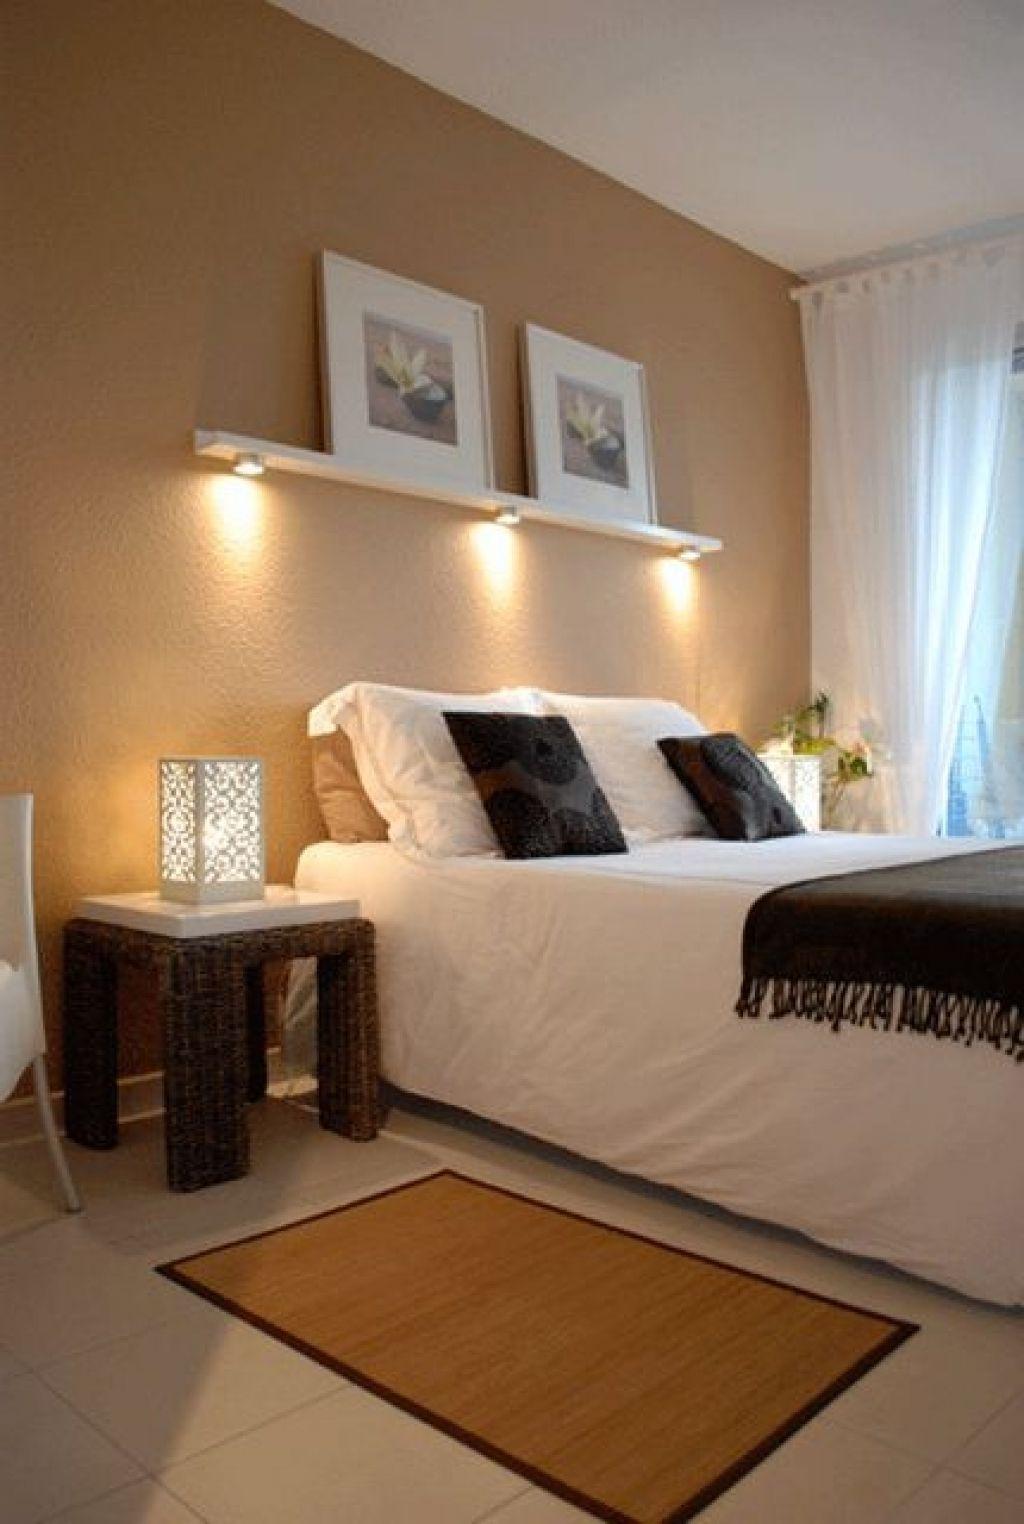 Schlafzimmer Leselampen - Schlafzimmer-Leseleuchten im Schlafzimmer ...